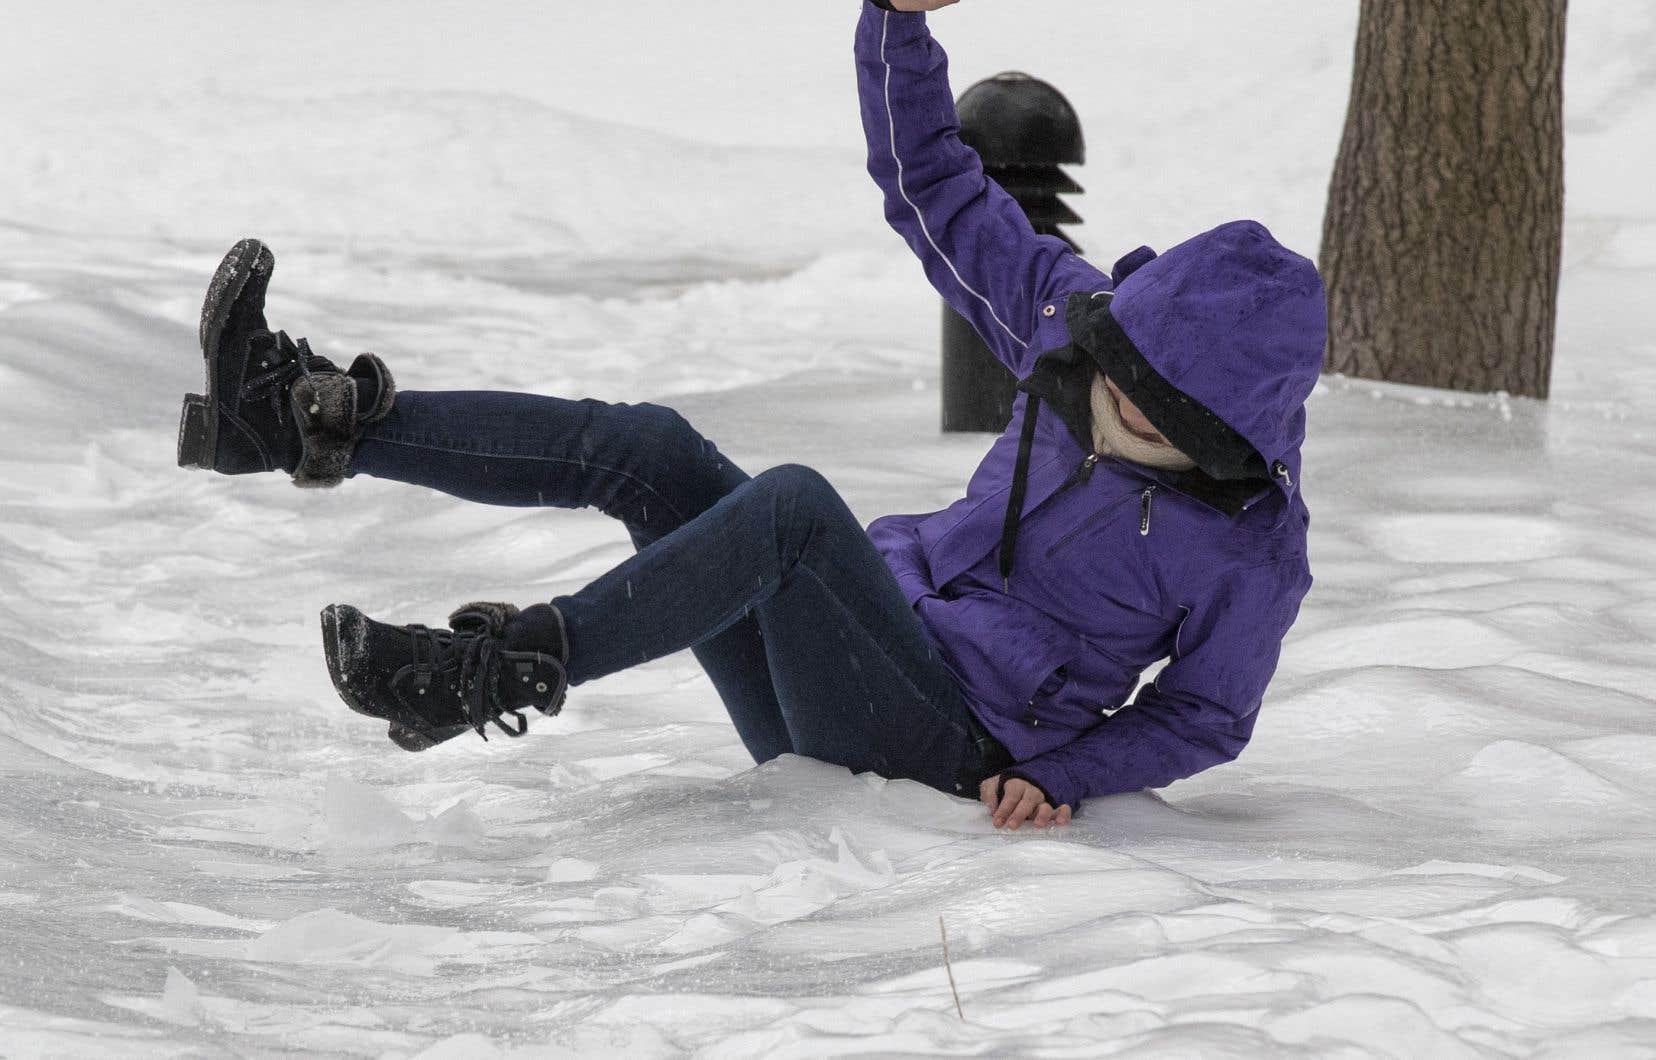 Quelque 8800 blessures liées aux chutes sont survenues après que les personnes eurent glissé sur une plaque de glace, selon les données de l'ICIS.